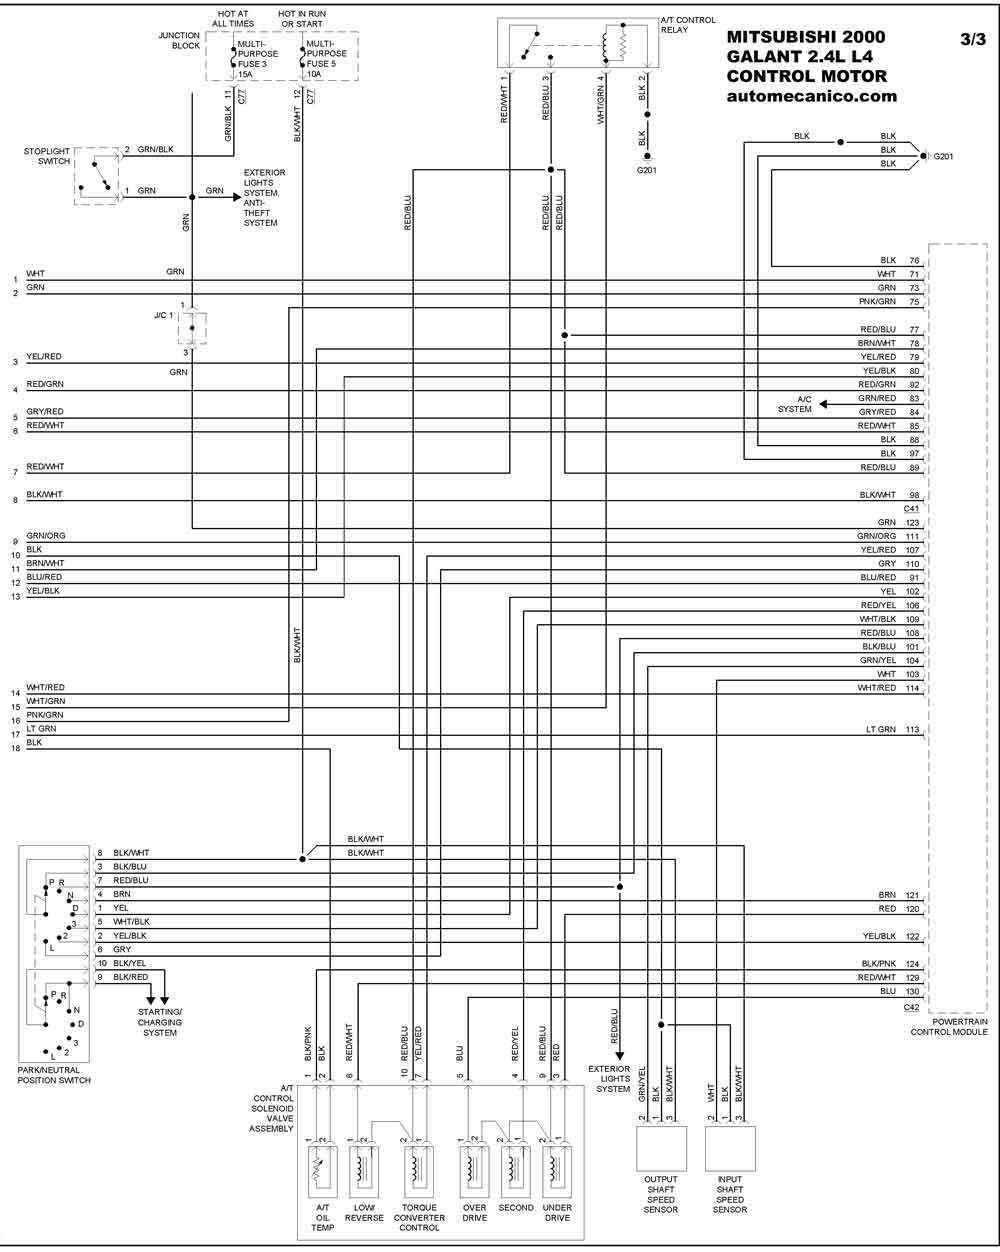 Mitsubishi Galant 2000 Diagrama Electrico Automotriz